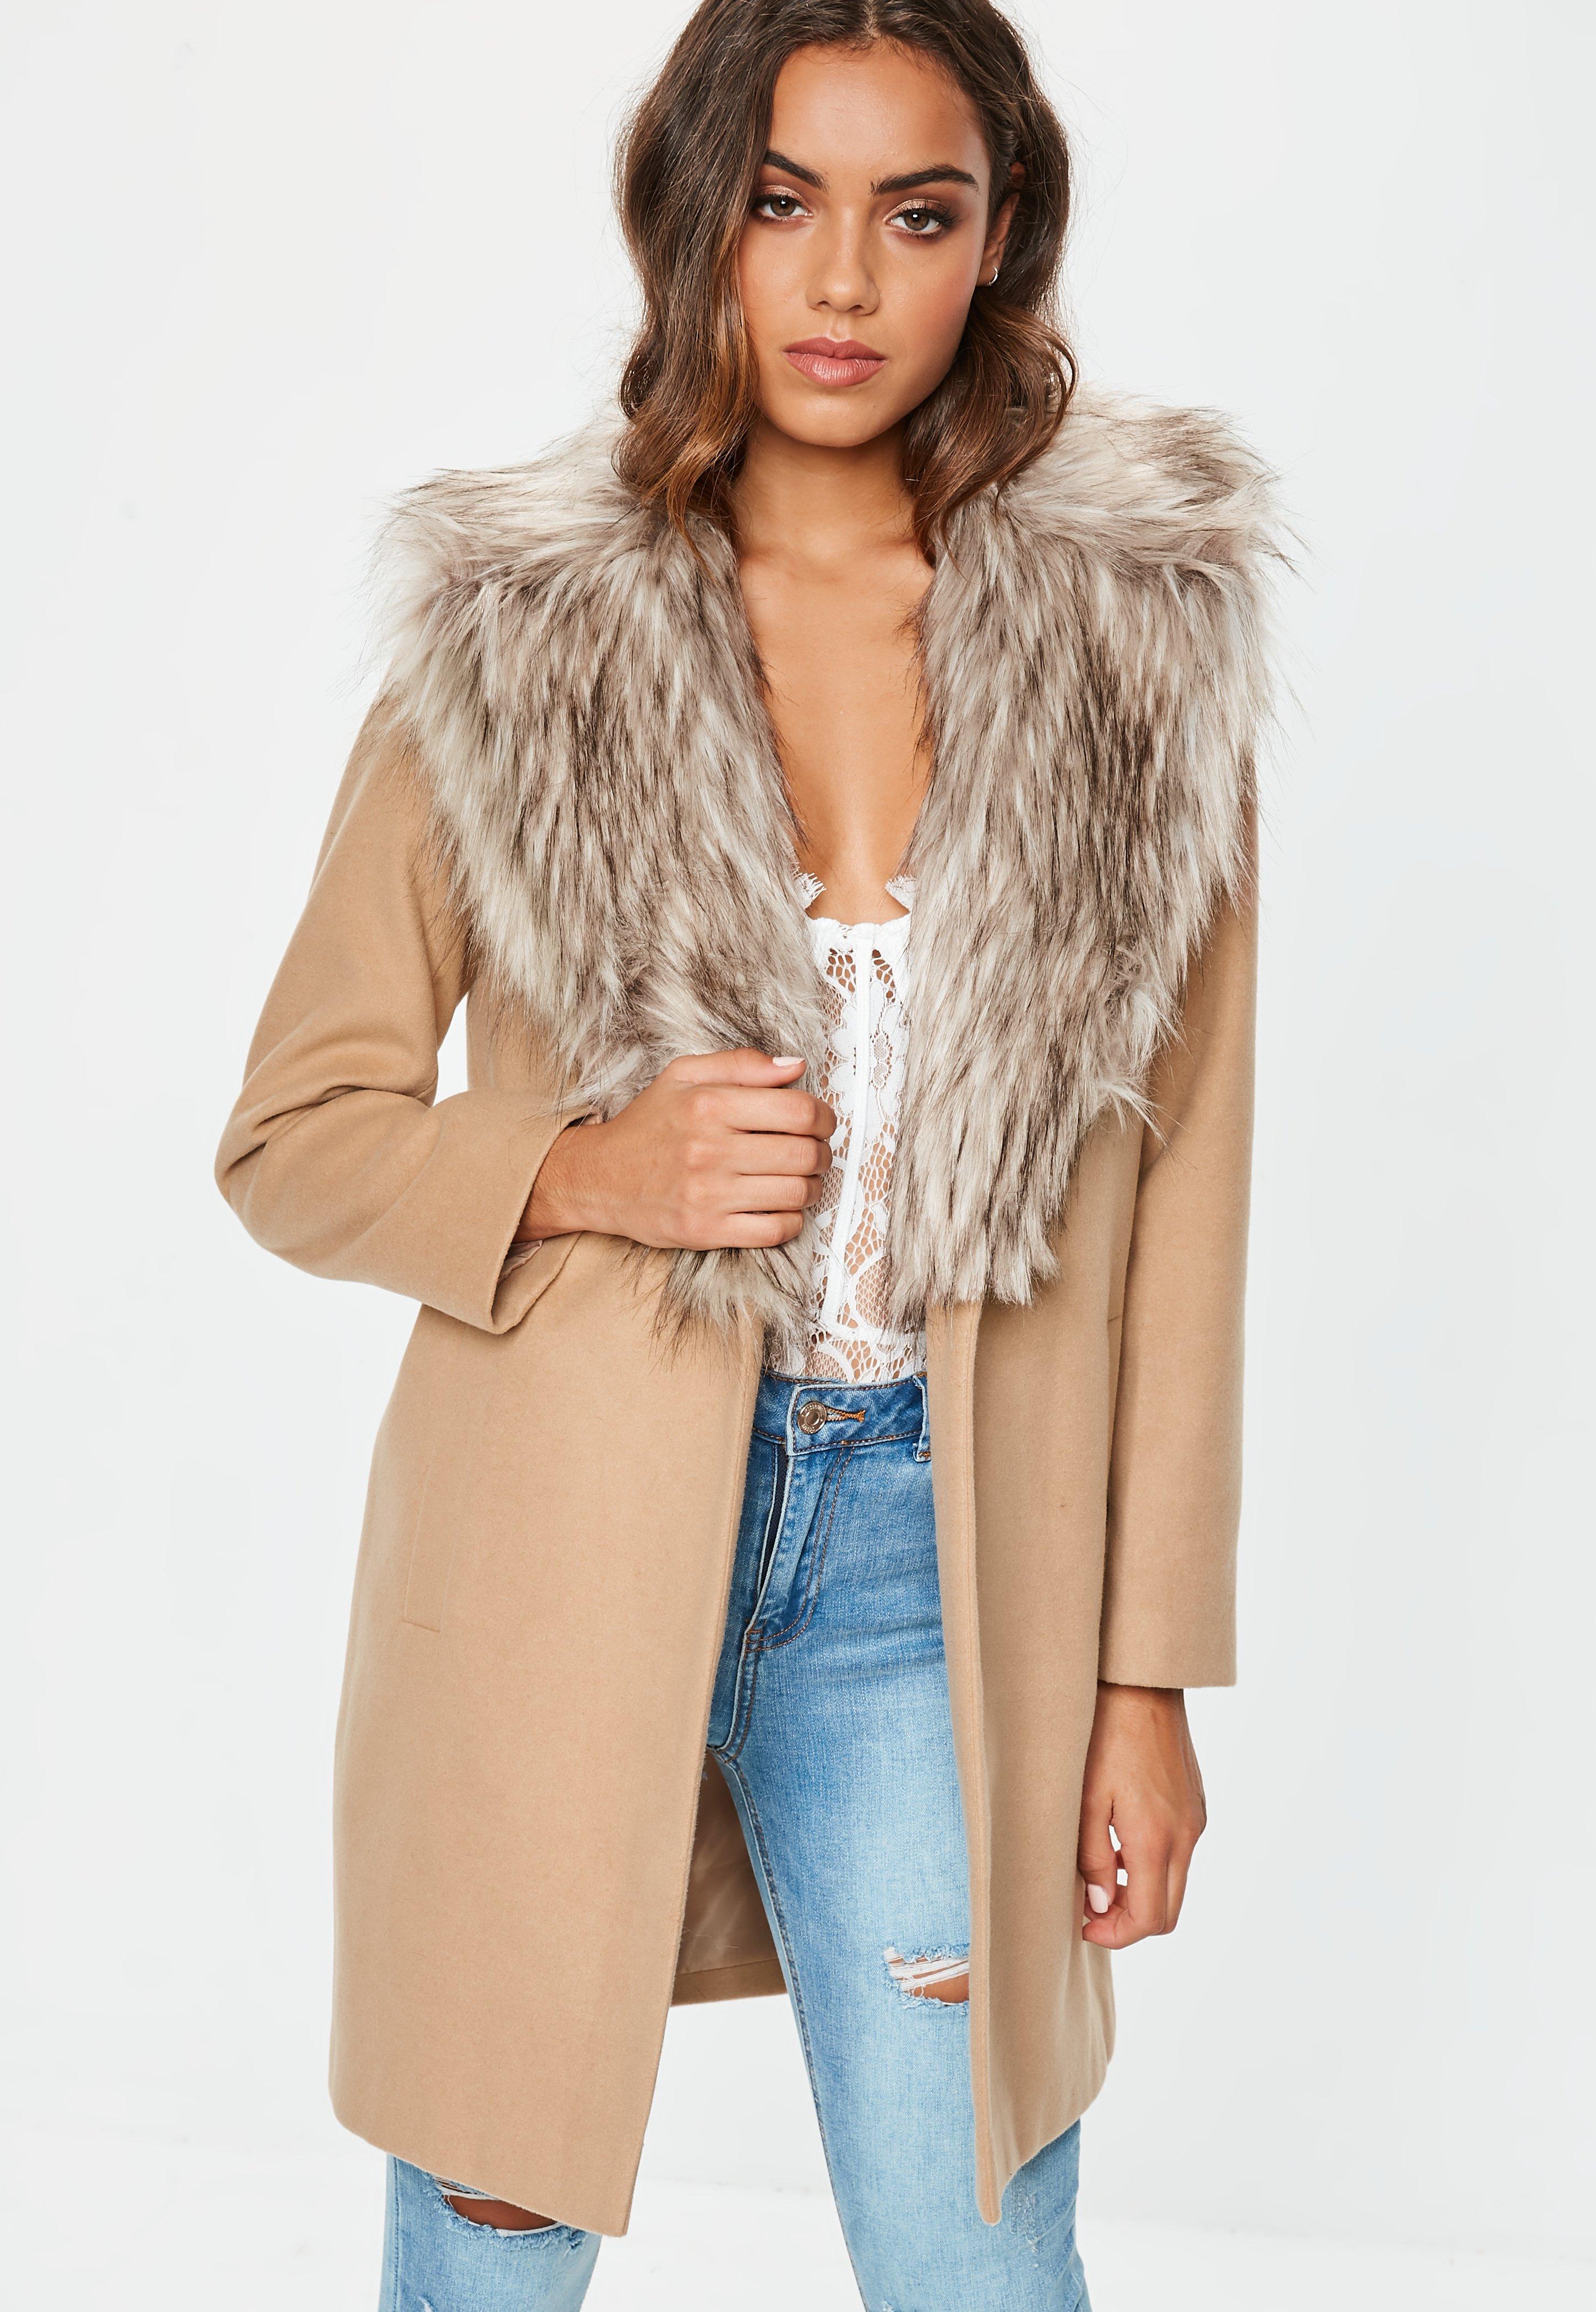 b3005f47183a Camel Faux Fur Collar Short Formal Coat